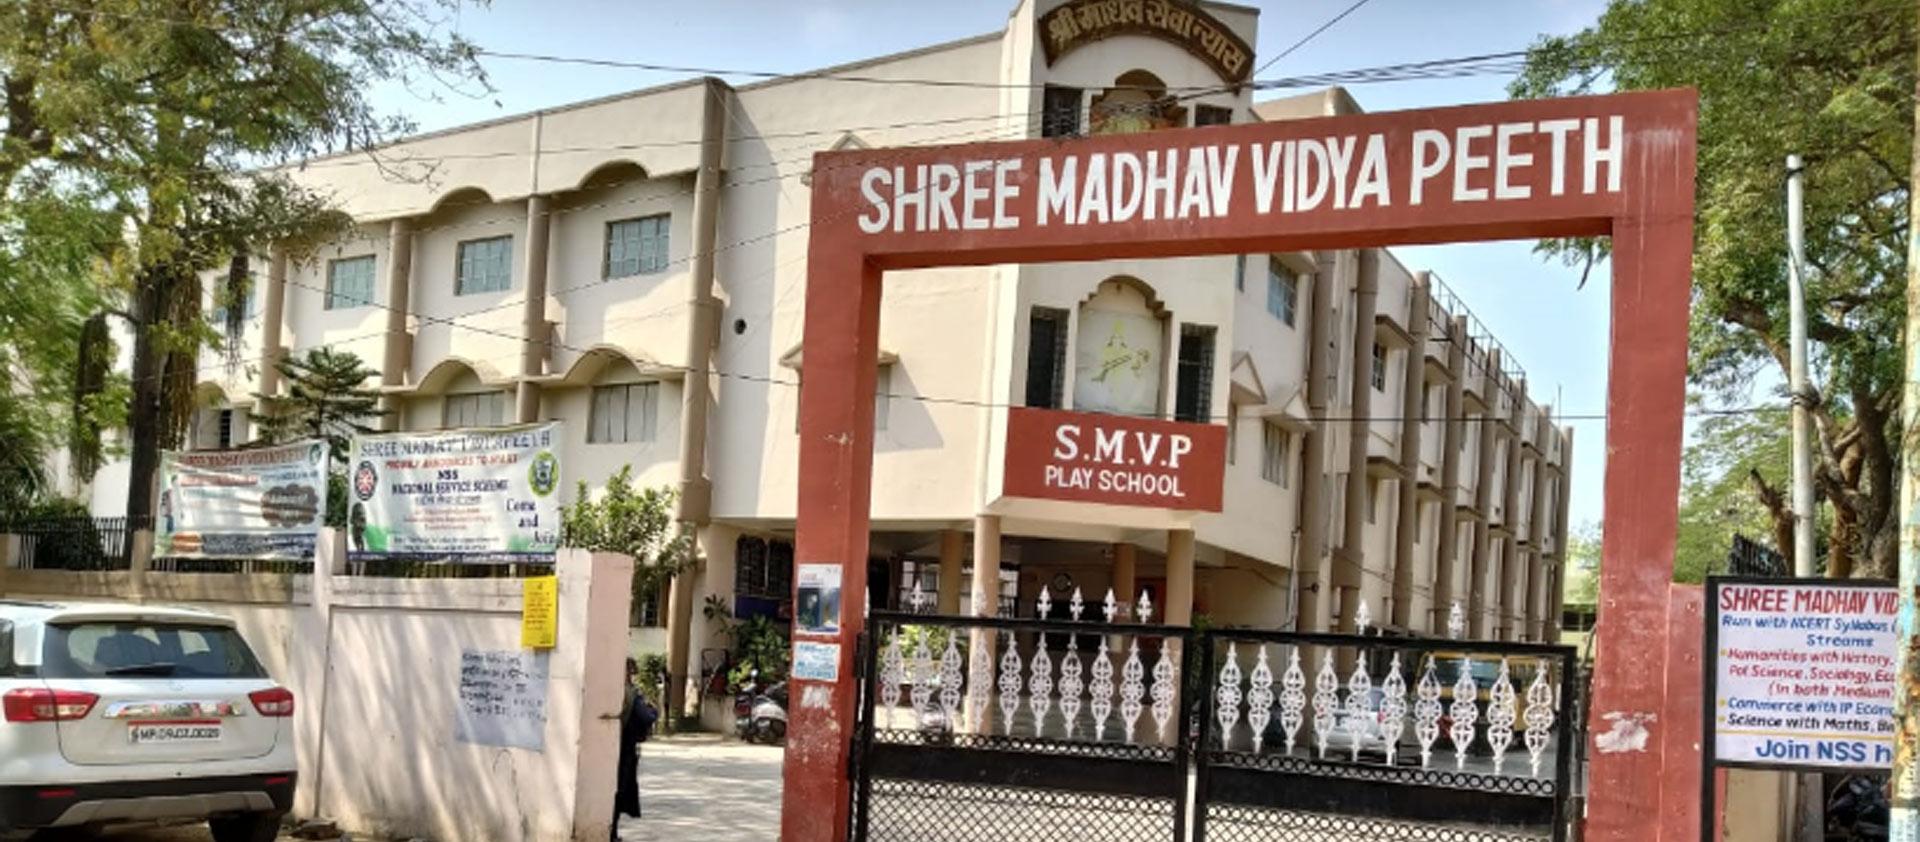 Welcome to Shree Madhav Vidya Peeth